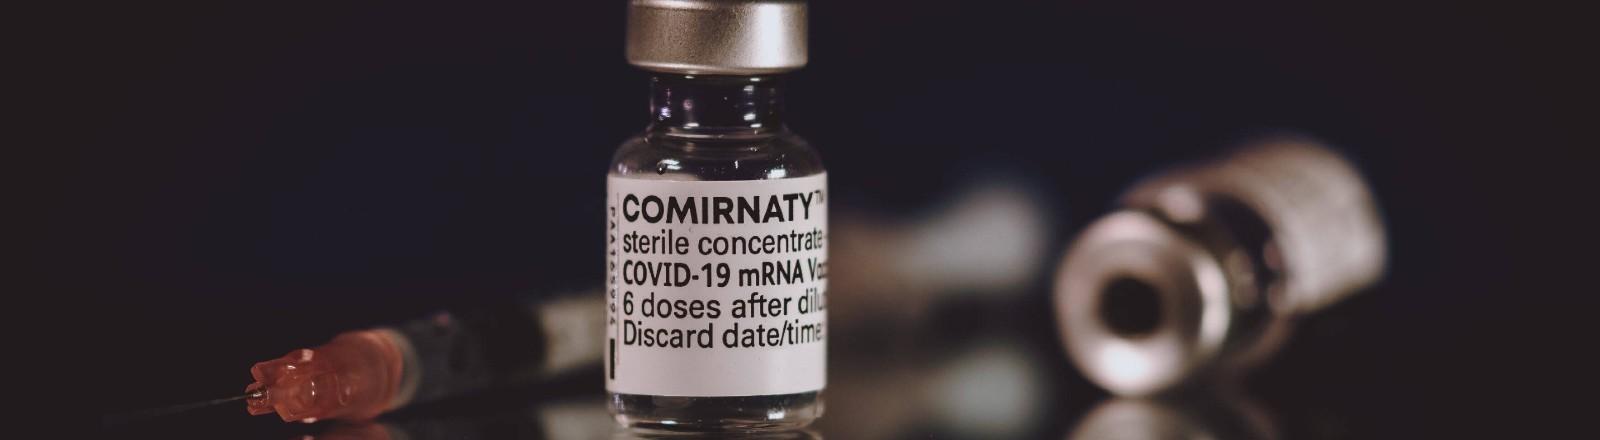 Fläschchen mit Impfstoff von Biontech/Pfizer, daneben liegt eine Spritze.